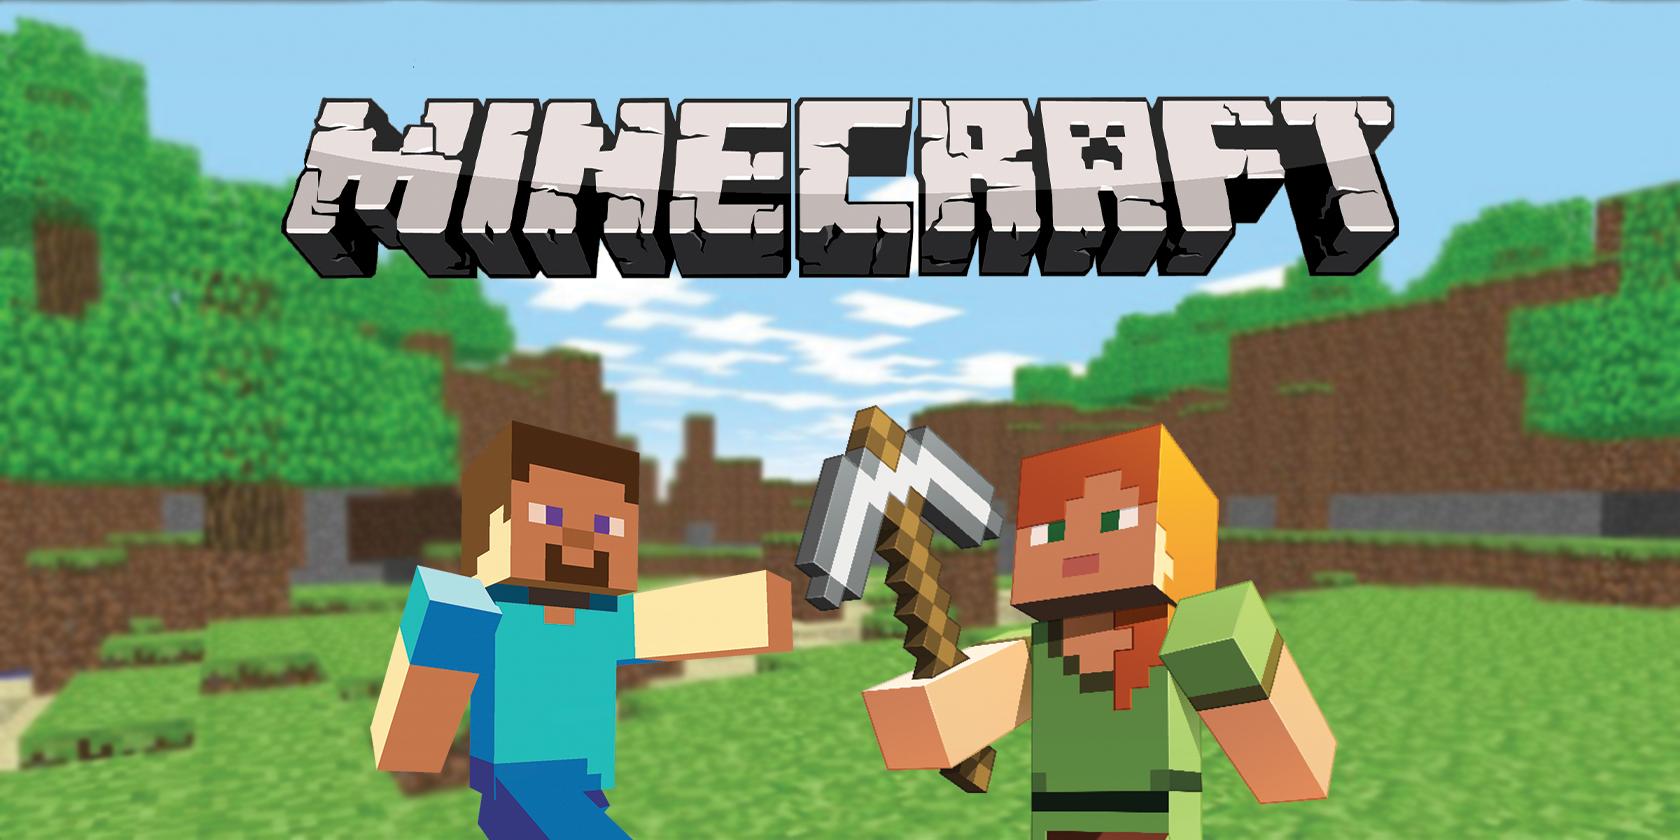 نحوه بازی Minecraft با دوستان: 5 روش مختلف